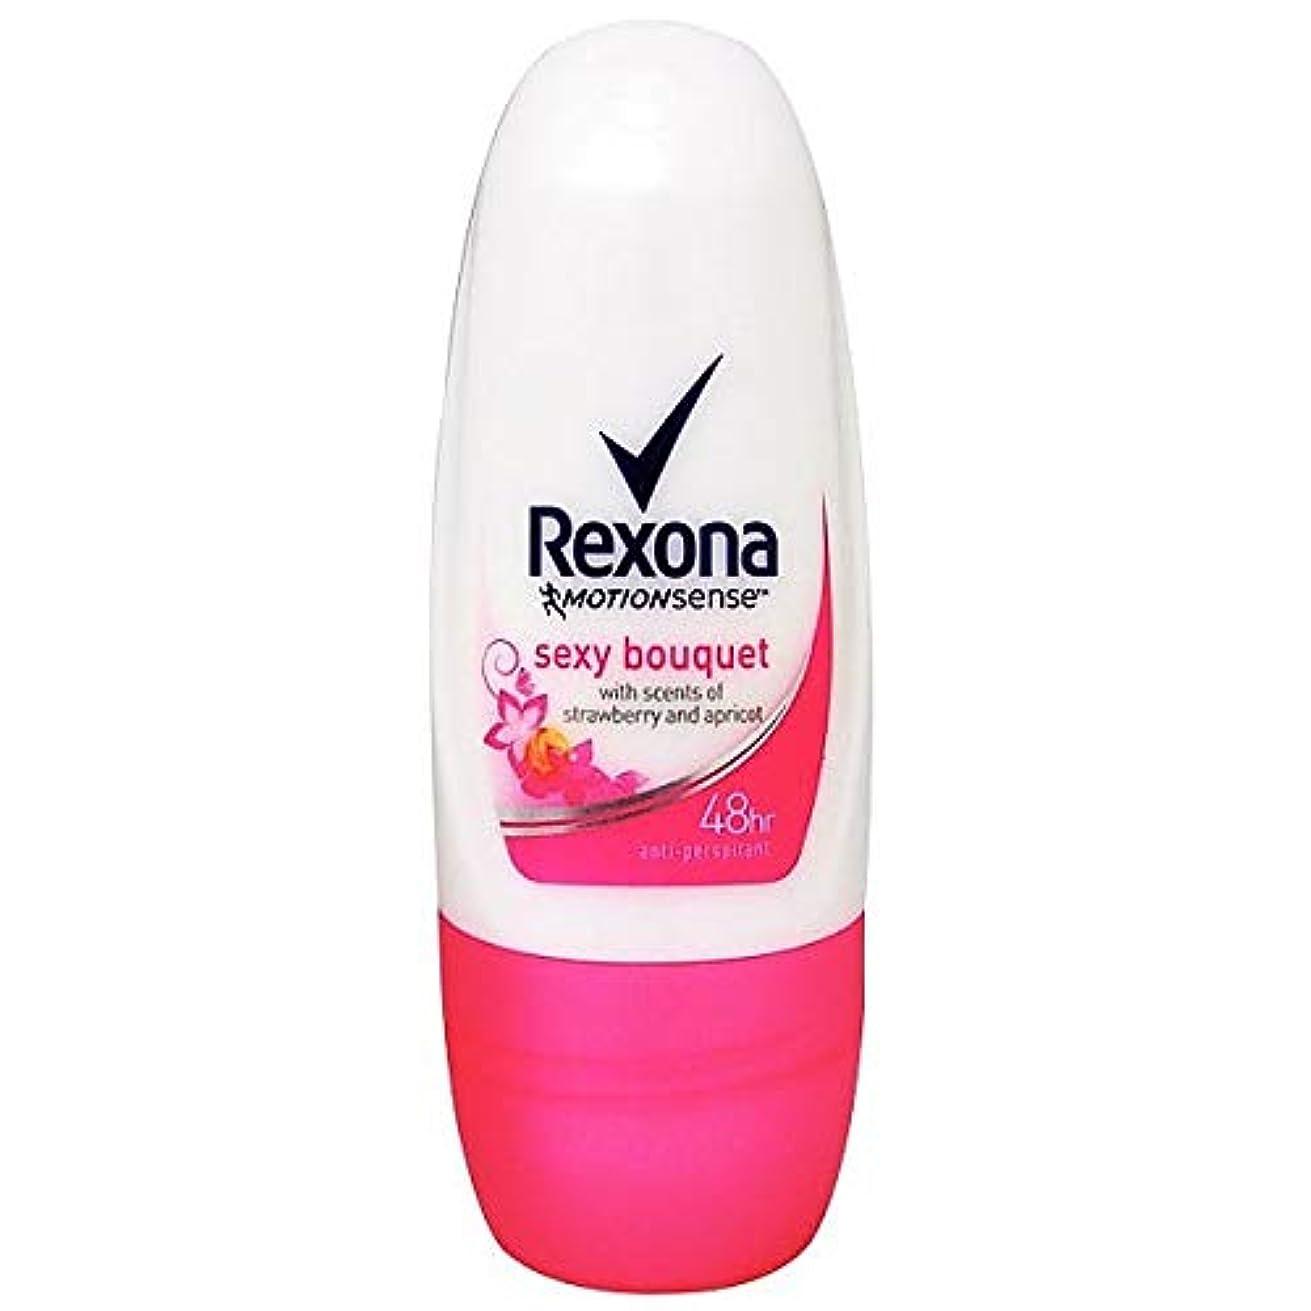 レクソナ レクソーナ Rexona セクシーブーケ ロールオンタイプ 並行輸入品 25ml sexy bouquet [並行輸入品]